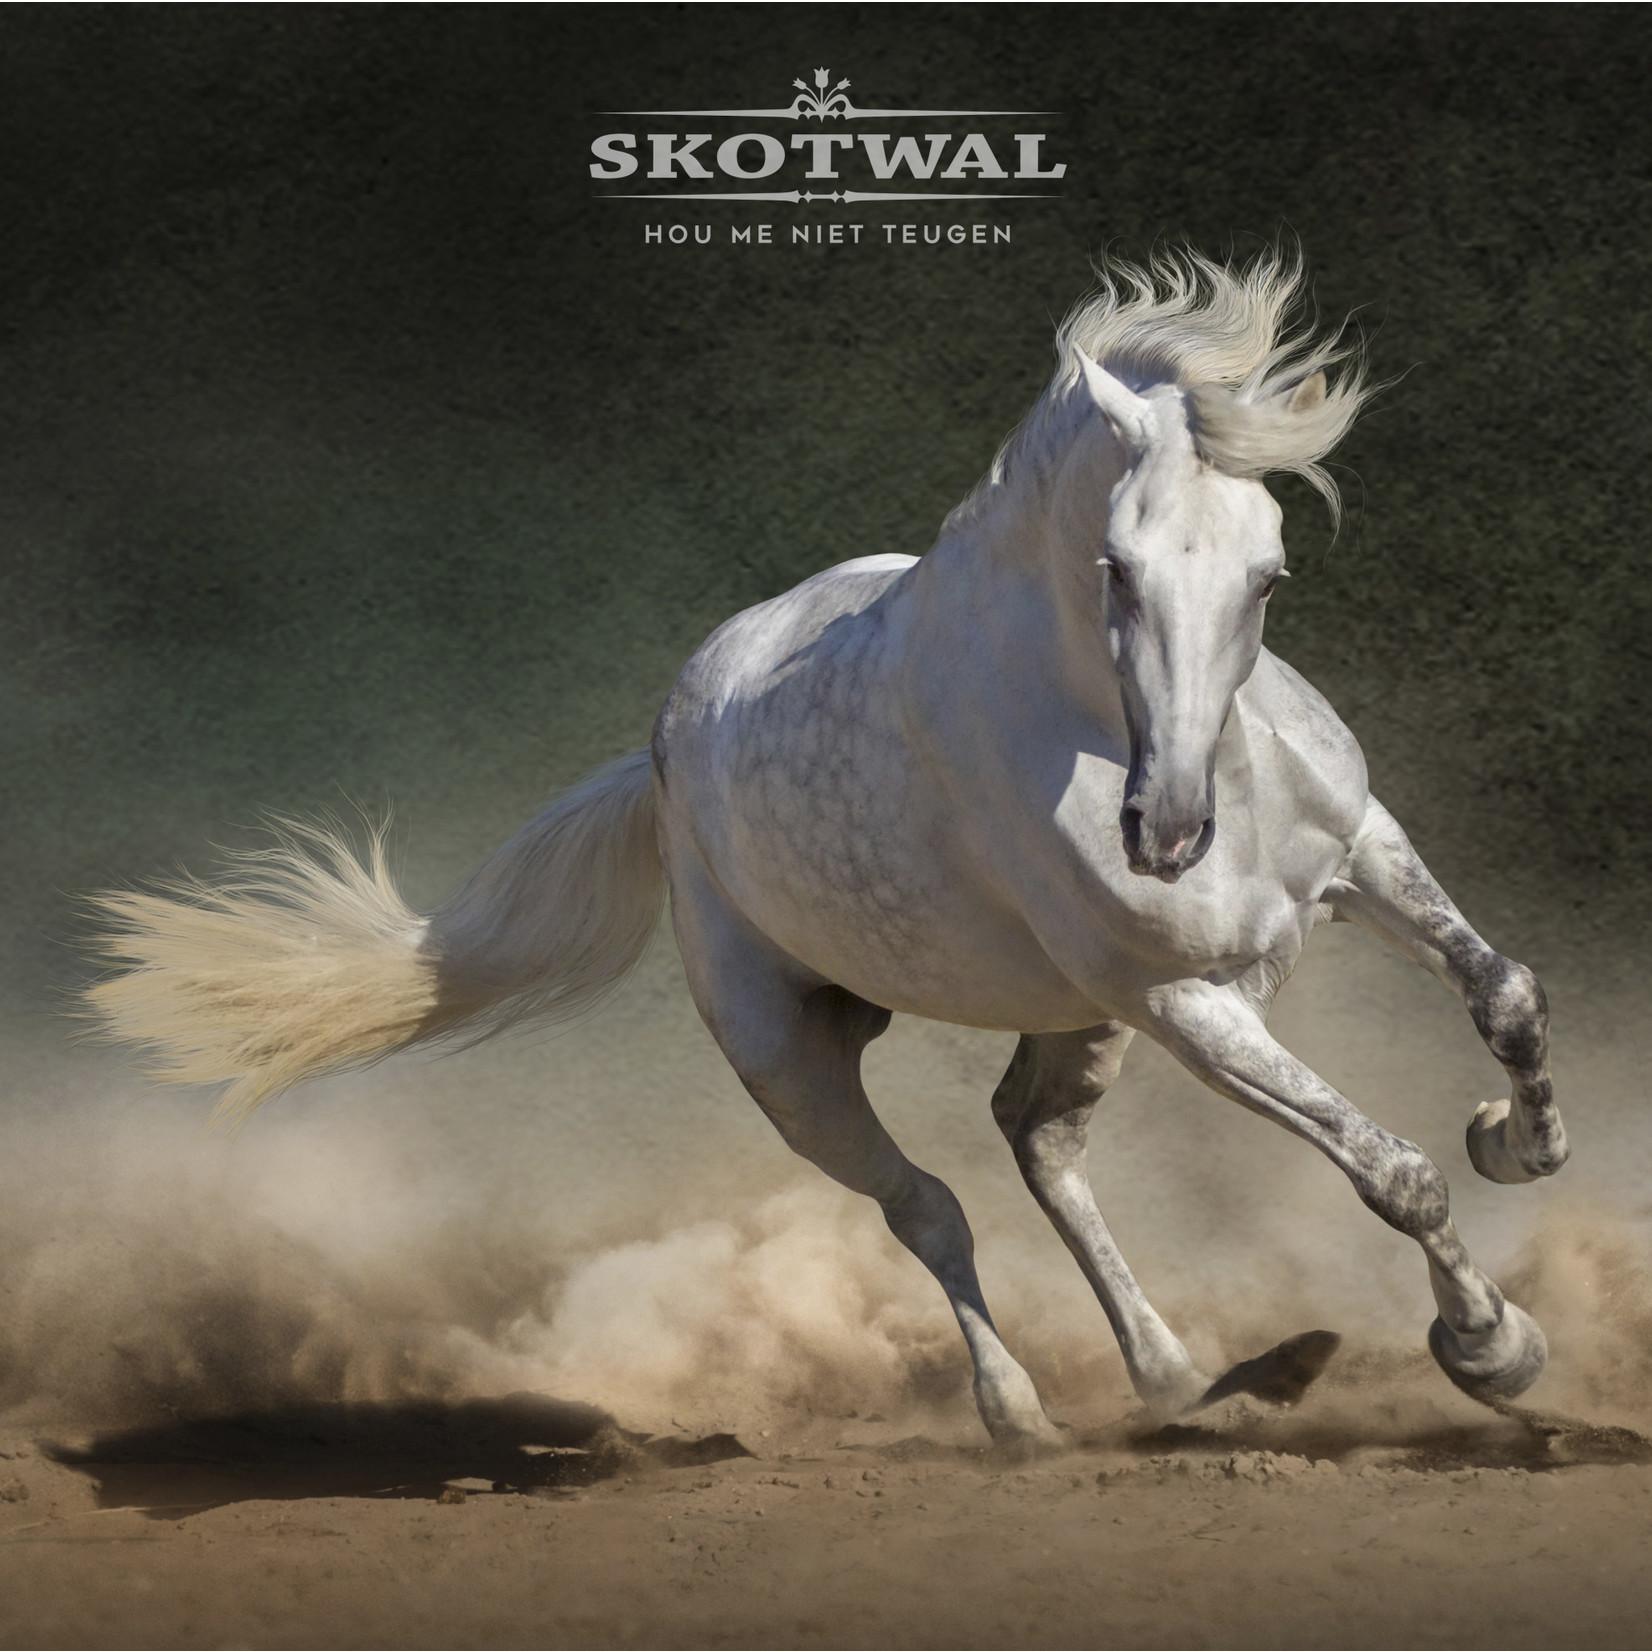 SKOTWAL - Hou me niet teugen  (CD)